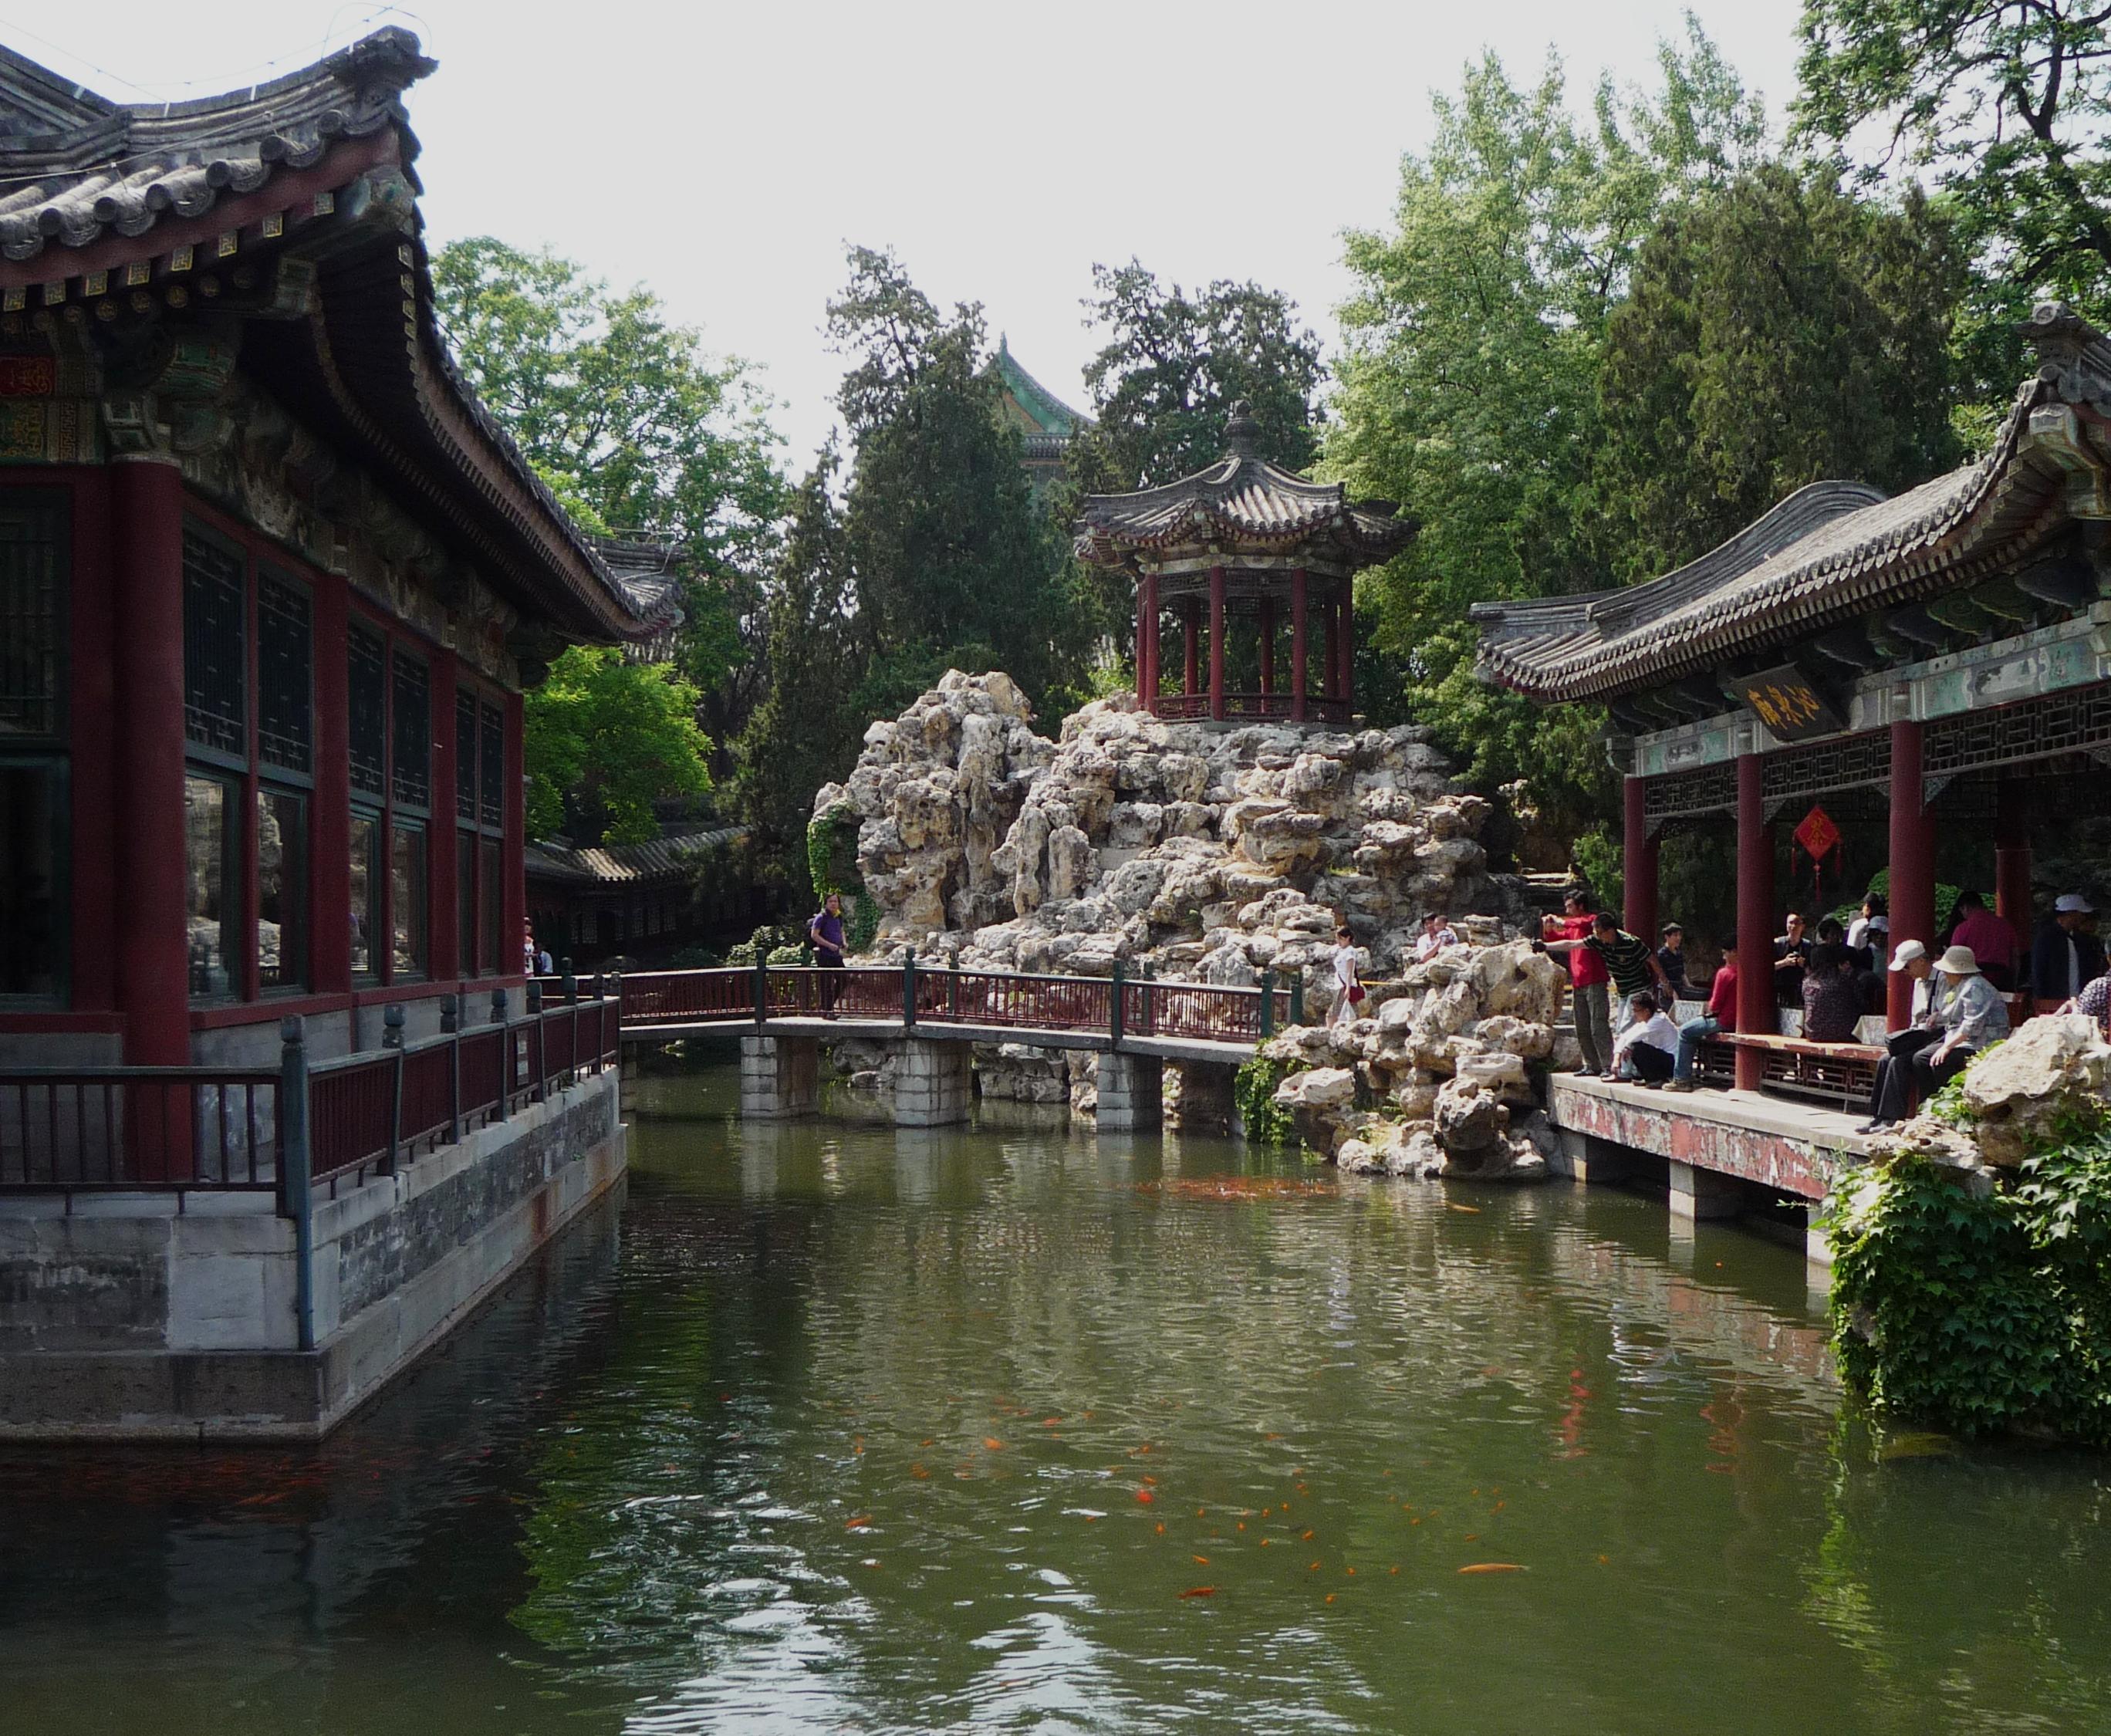 Beihai China  city pictures gallery : Chinese Garden in Beihai Park Wikimedia Commons